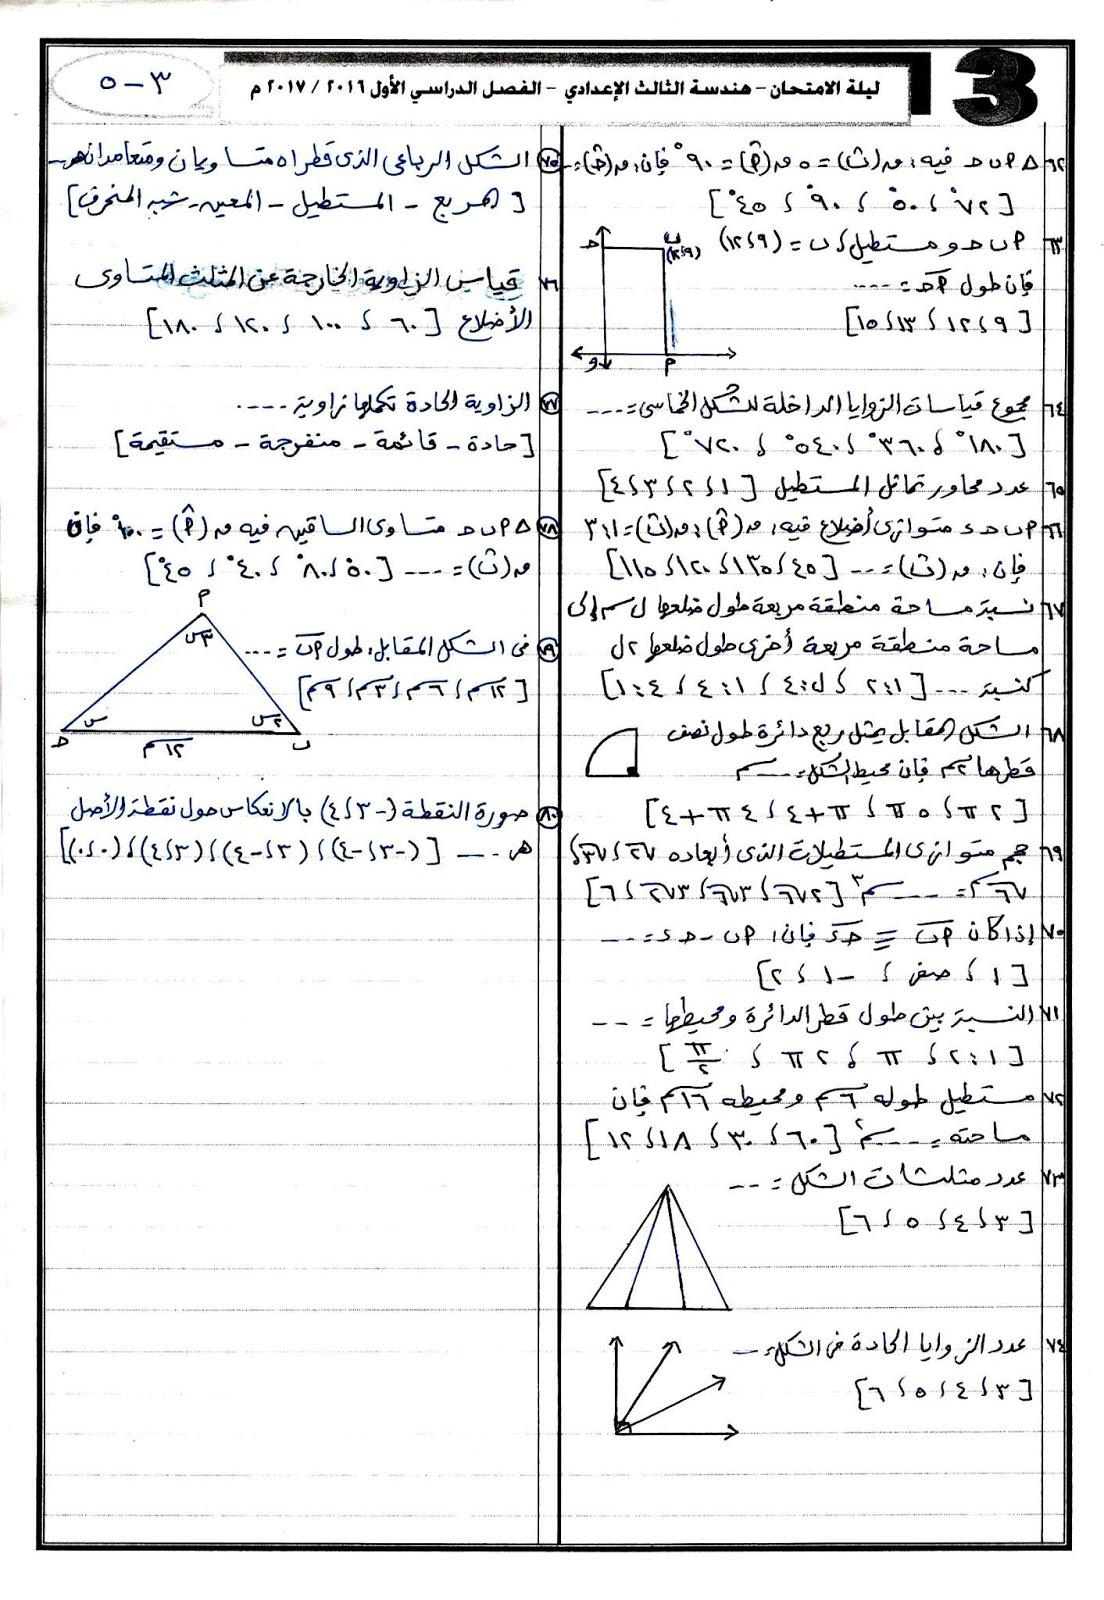 مراجعة ليلة امتحان الهندسة للصف الثالث الاعدادى الفصل الدراسى الاول 2016 /2017 من اعداد الاستاذ عبدالفتاح جمعة 3